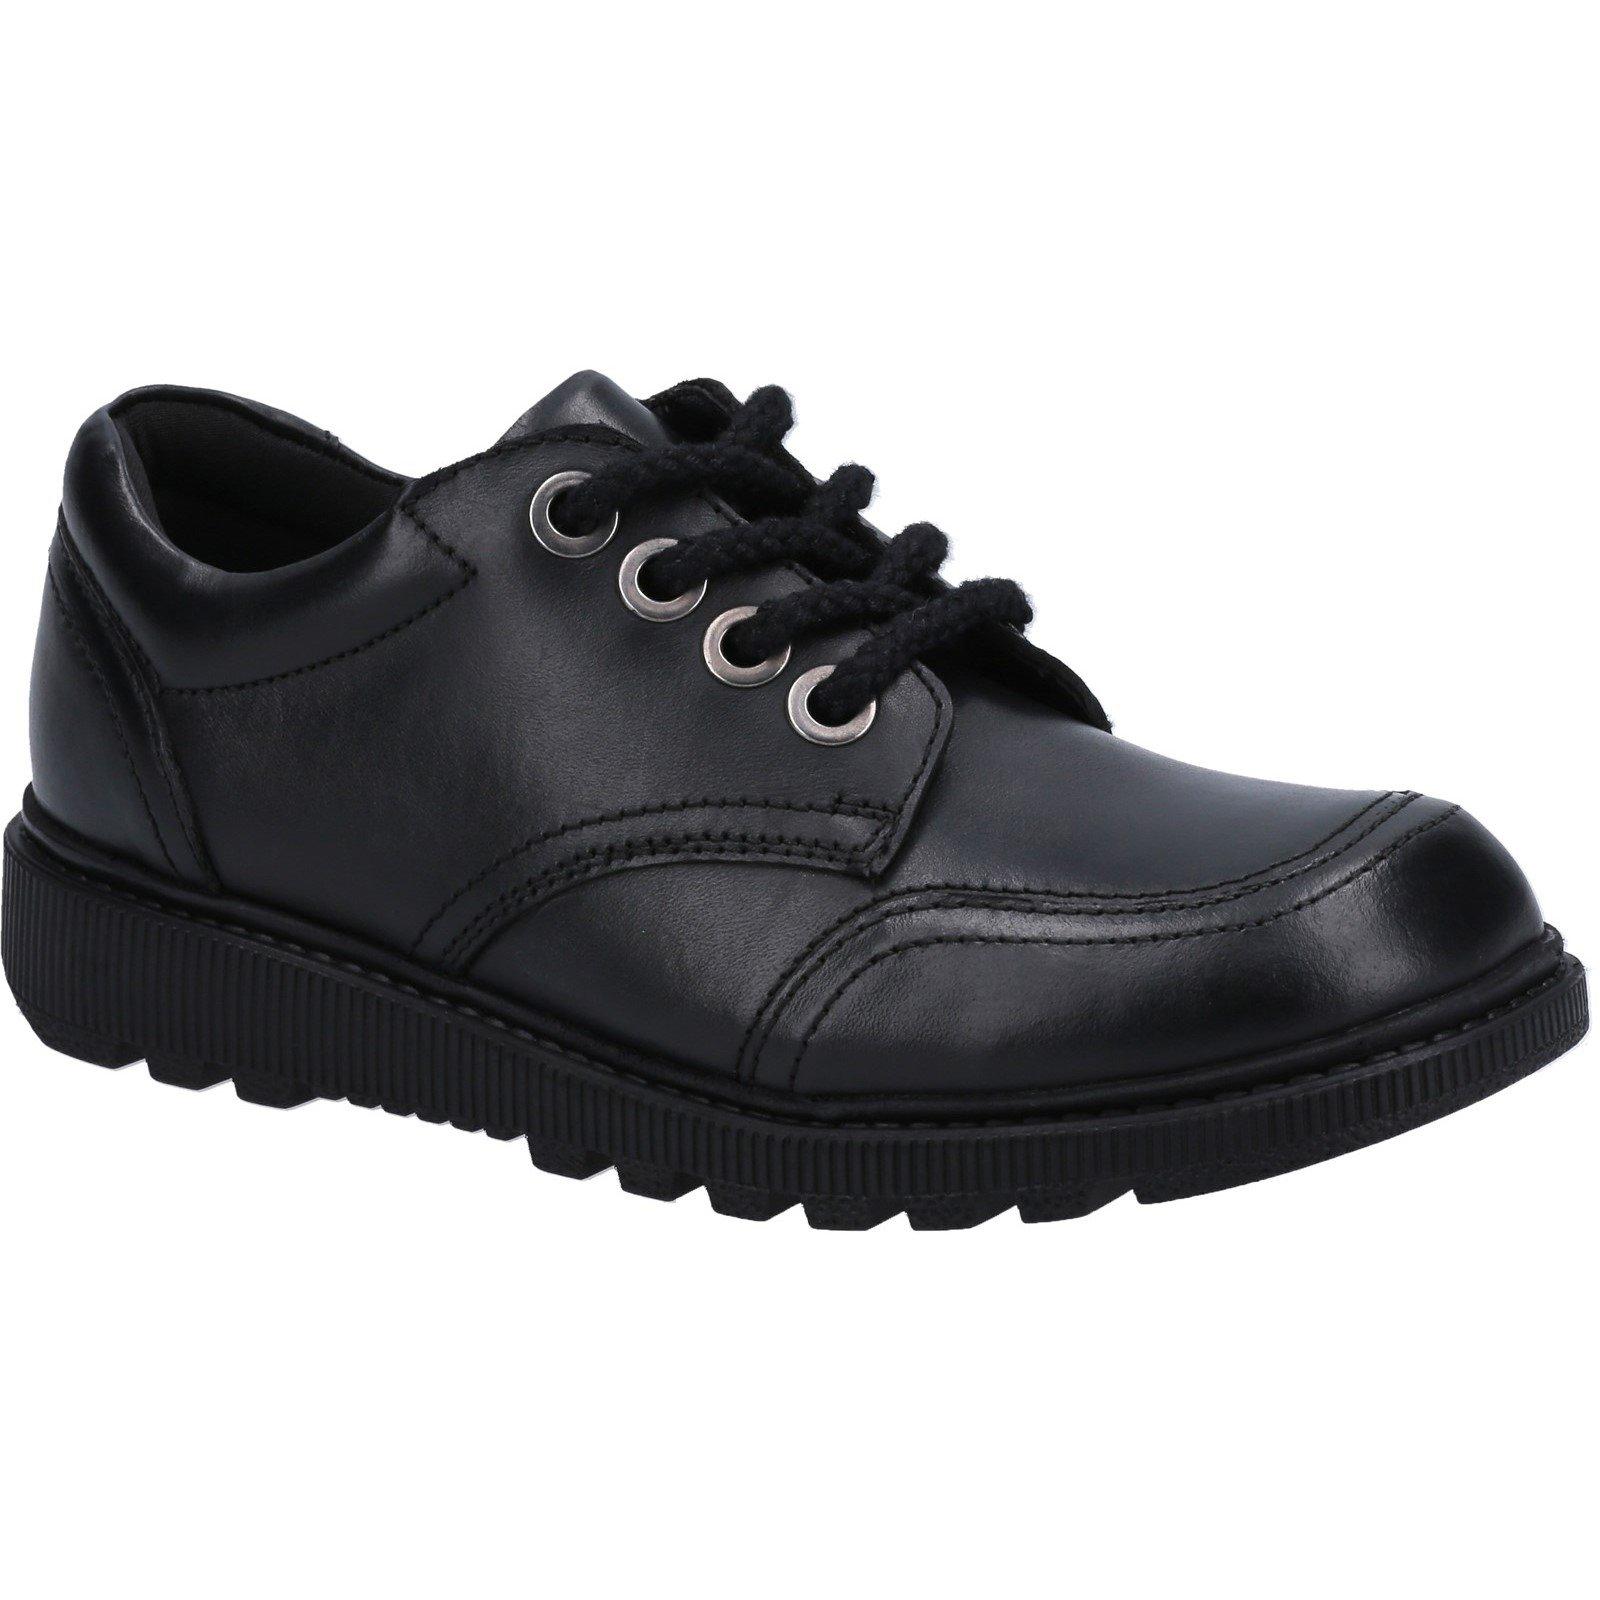 Hush Puppies Kid's Kiera Senior School Shoe Black 30822 - Black 6